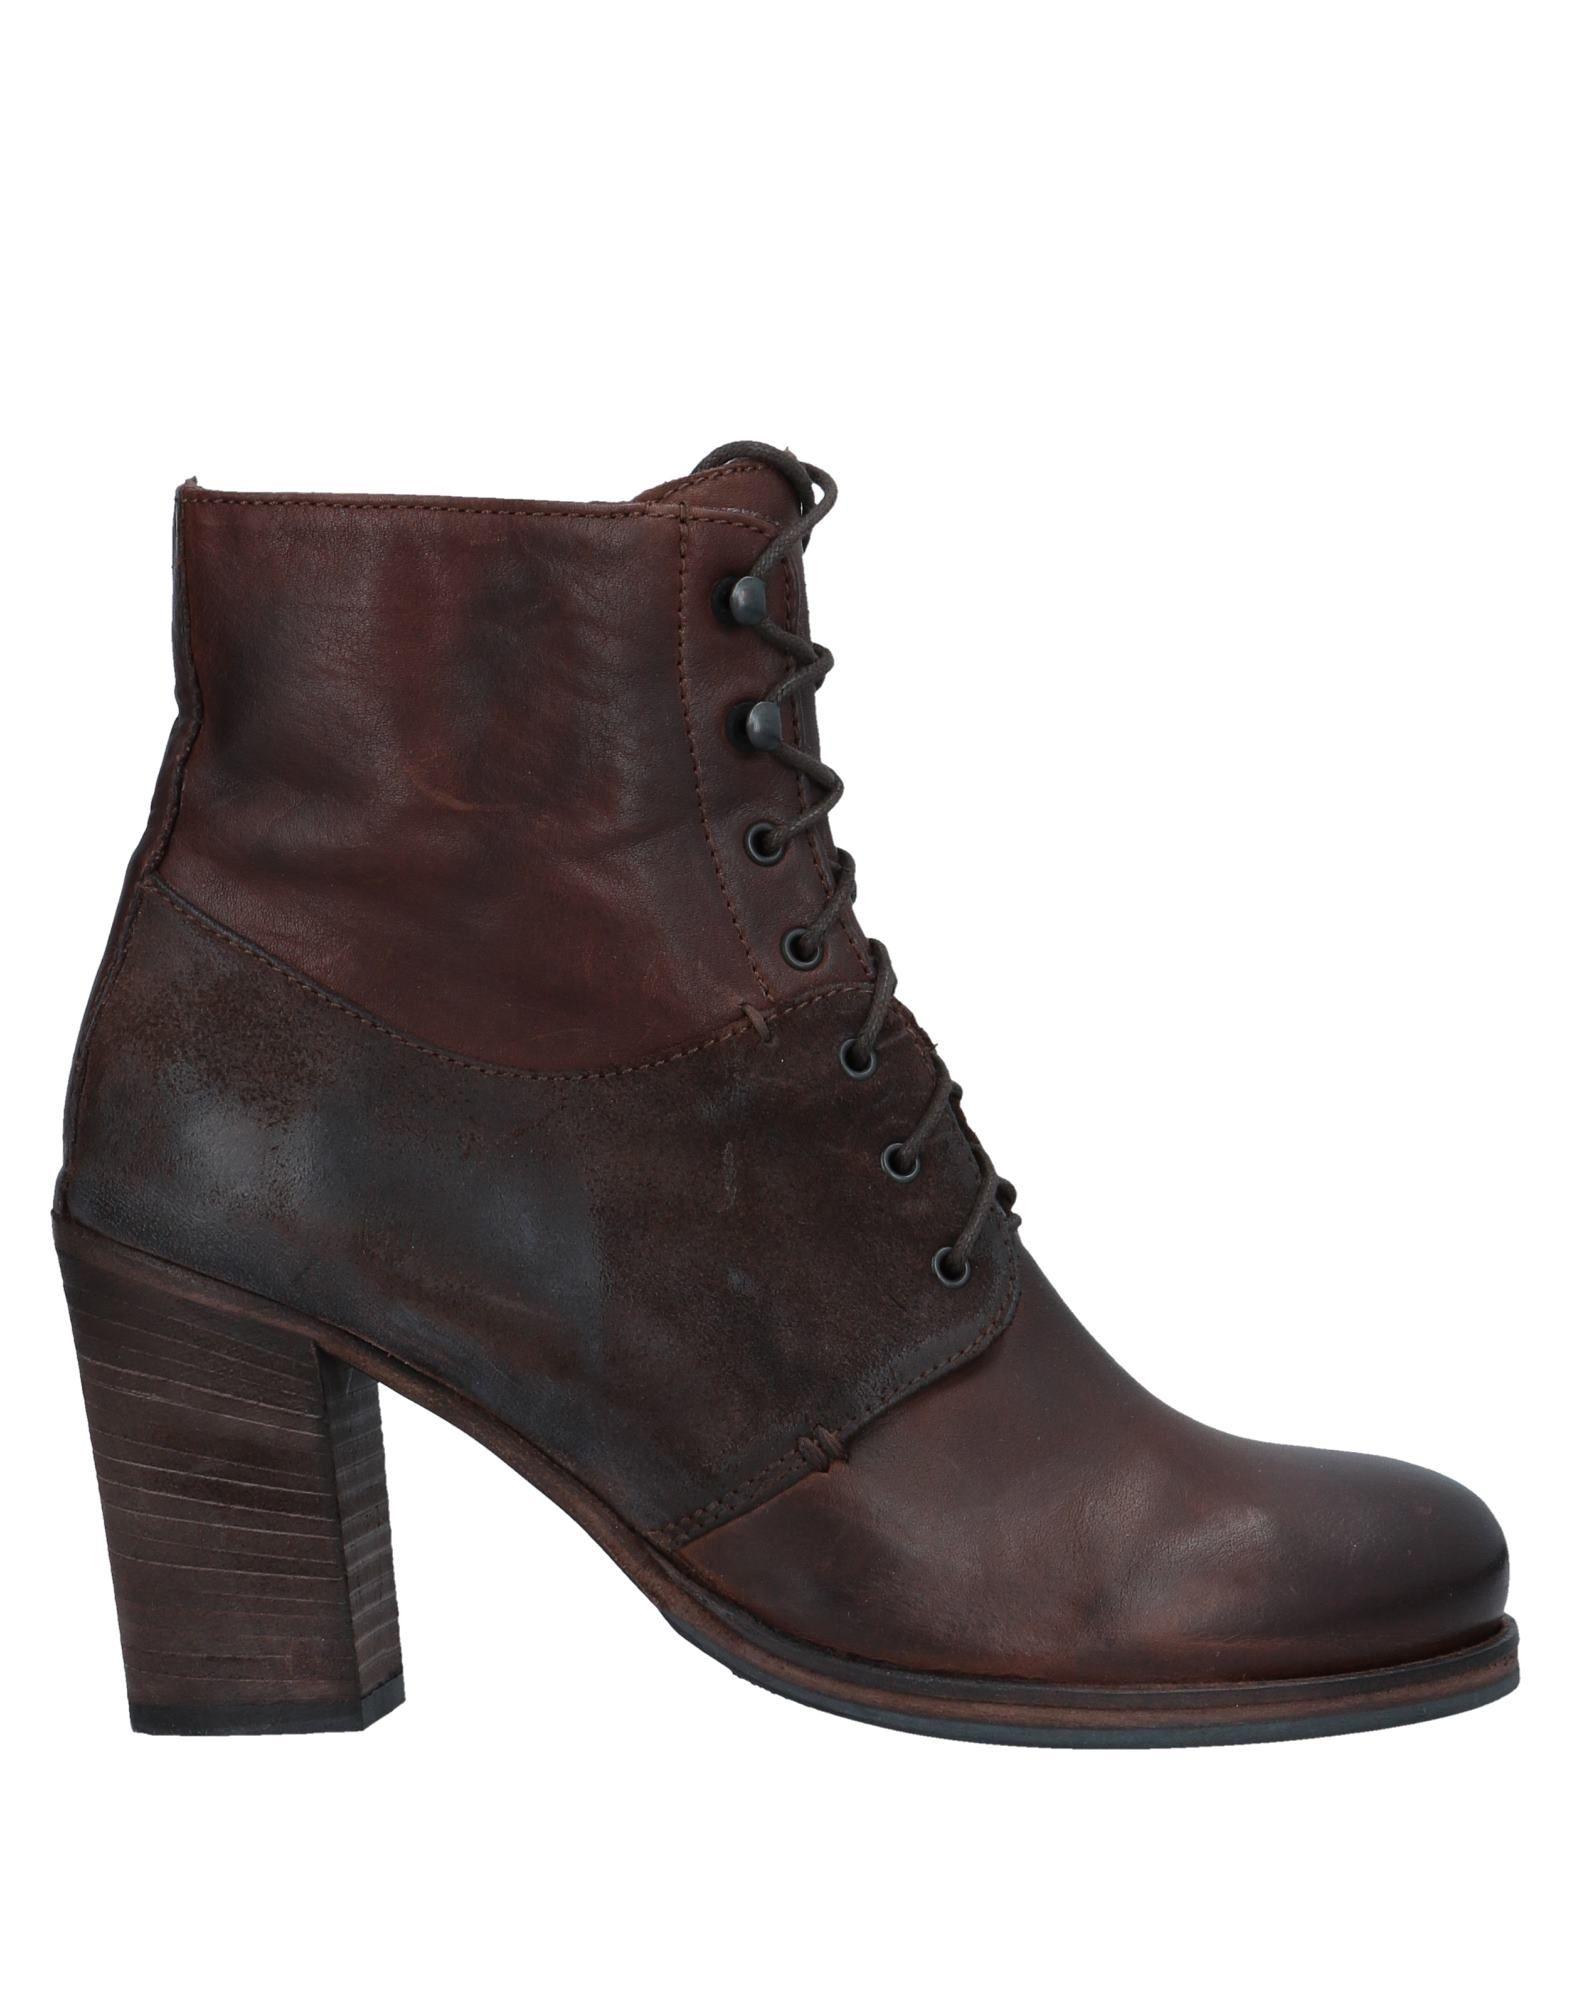 Hundred 100 Hundred Ankle Boot - Women Hundred 100 100 Ankle Boots online on  Australia - 11546315NG 6775b6